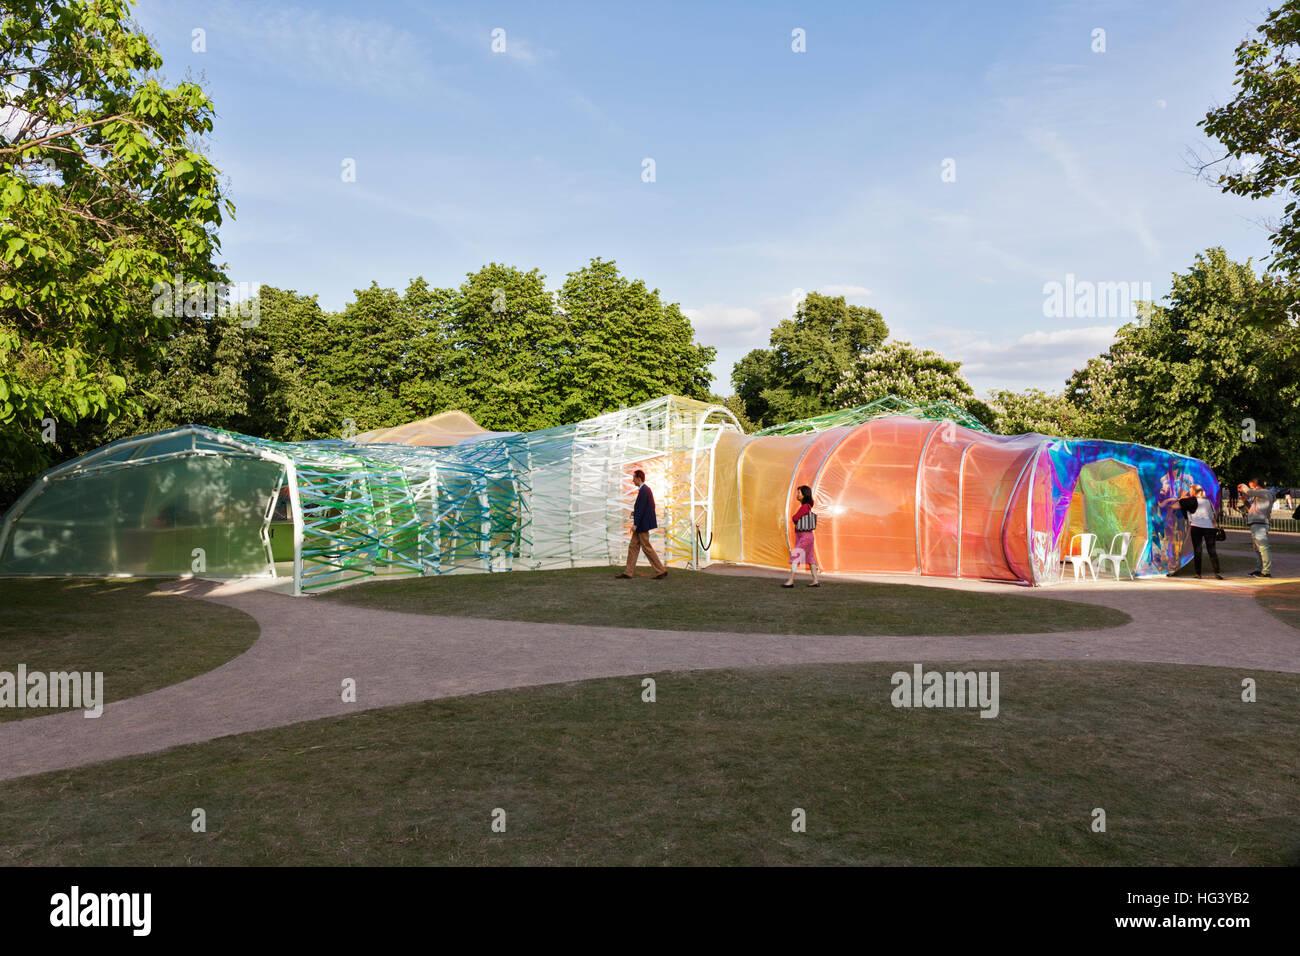 Vista generale della serpentina Pavilion 2015, Hyde Park, London, Regno Unito. Immagini Stock